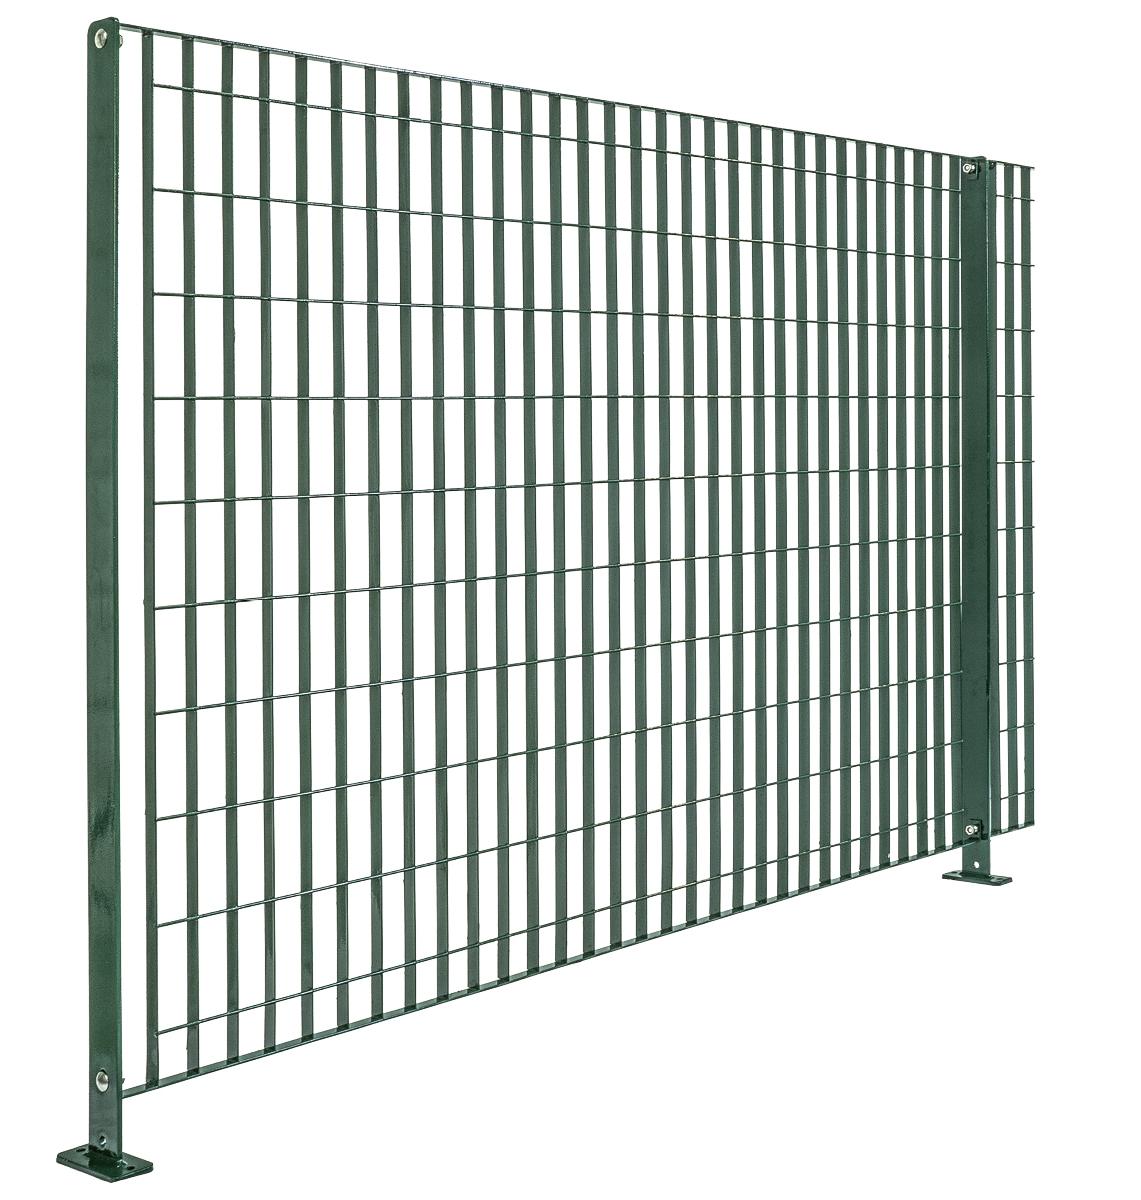 Defim orsogril recinzioni in grigliato sterope 2 for Muretto recinzione dwg